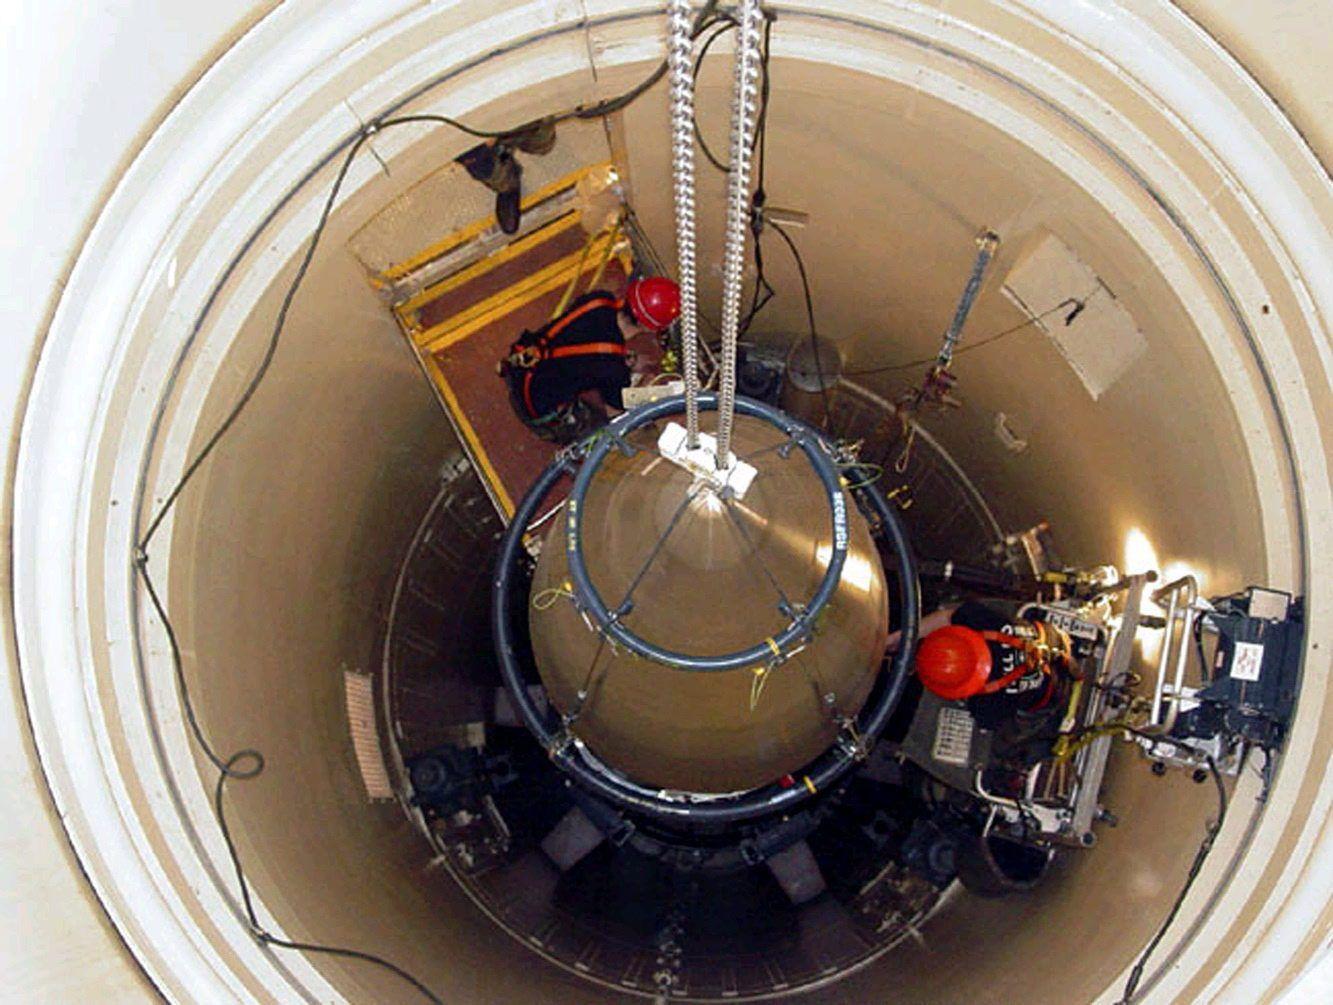 Atomrakete / Malmstrom Air Force Base